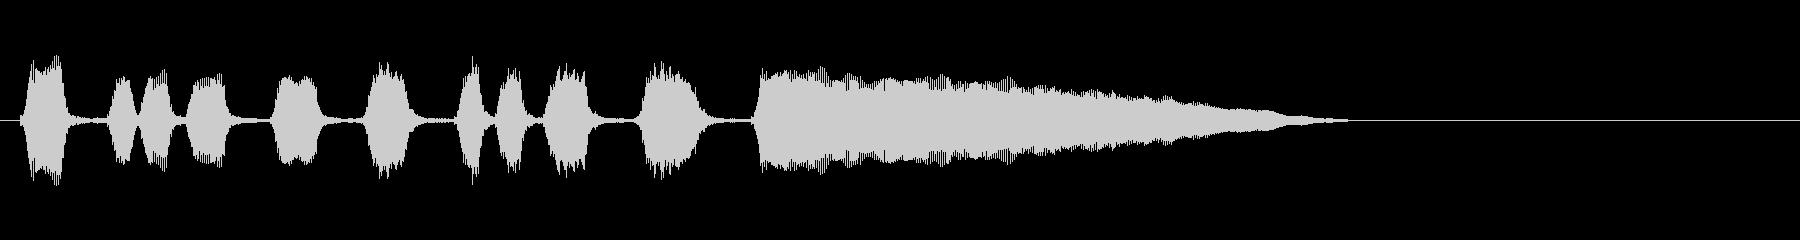 ハーモニカのかわいいジングルの未再生の波形